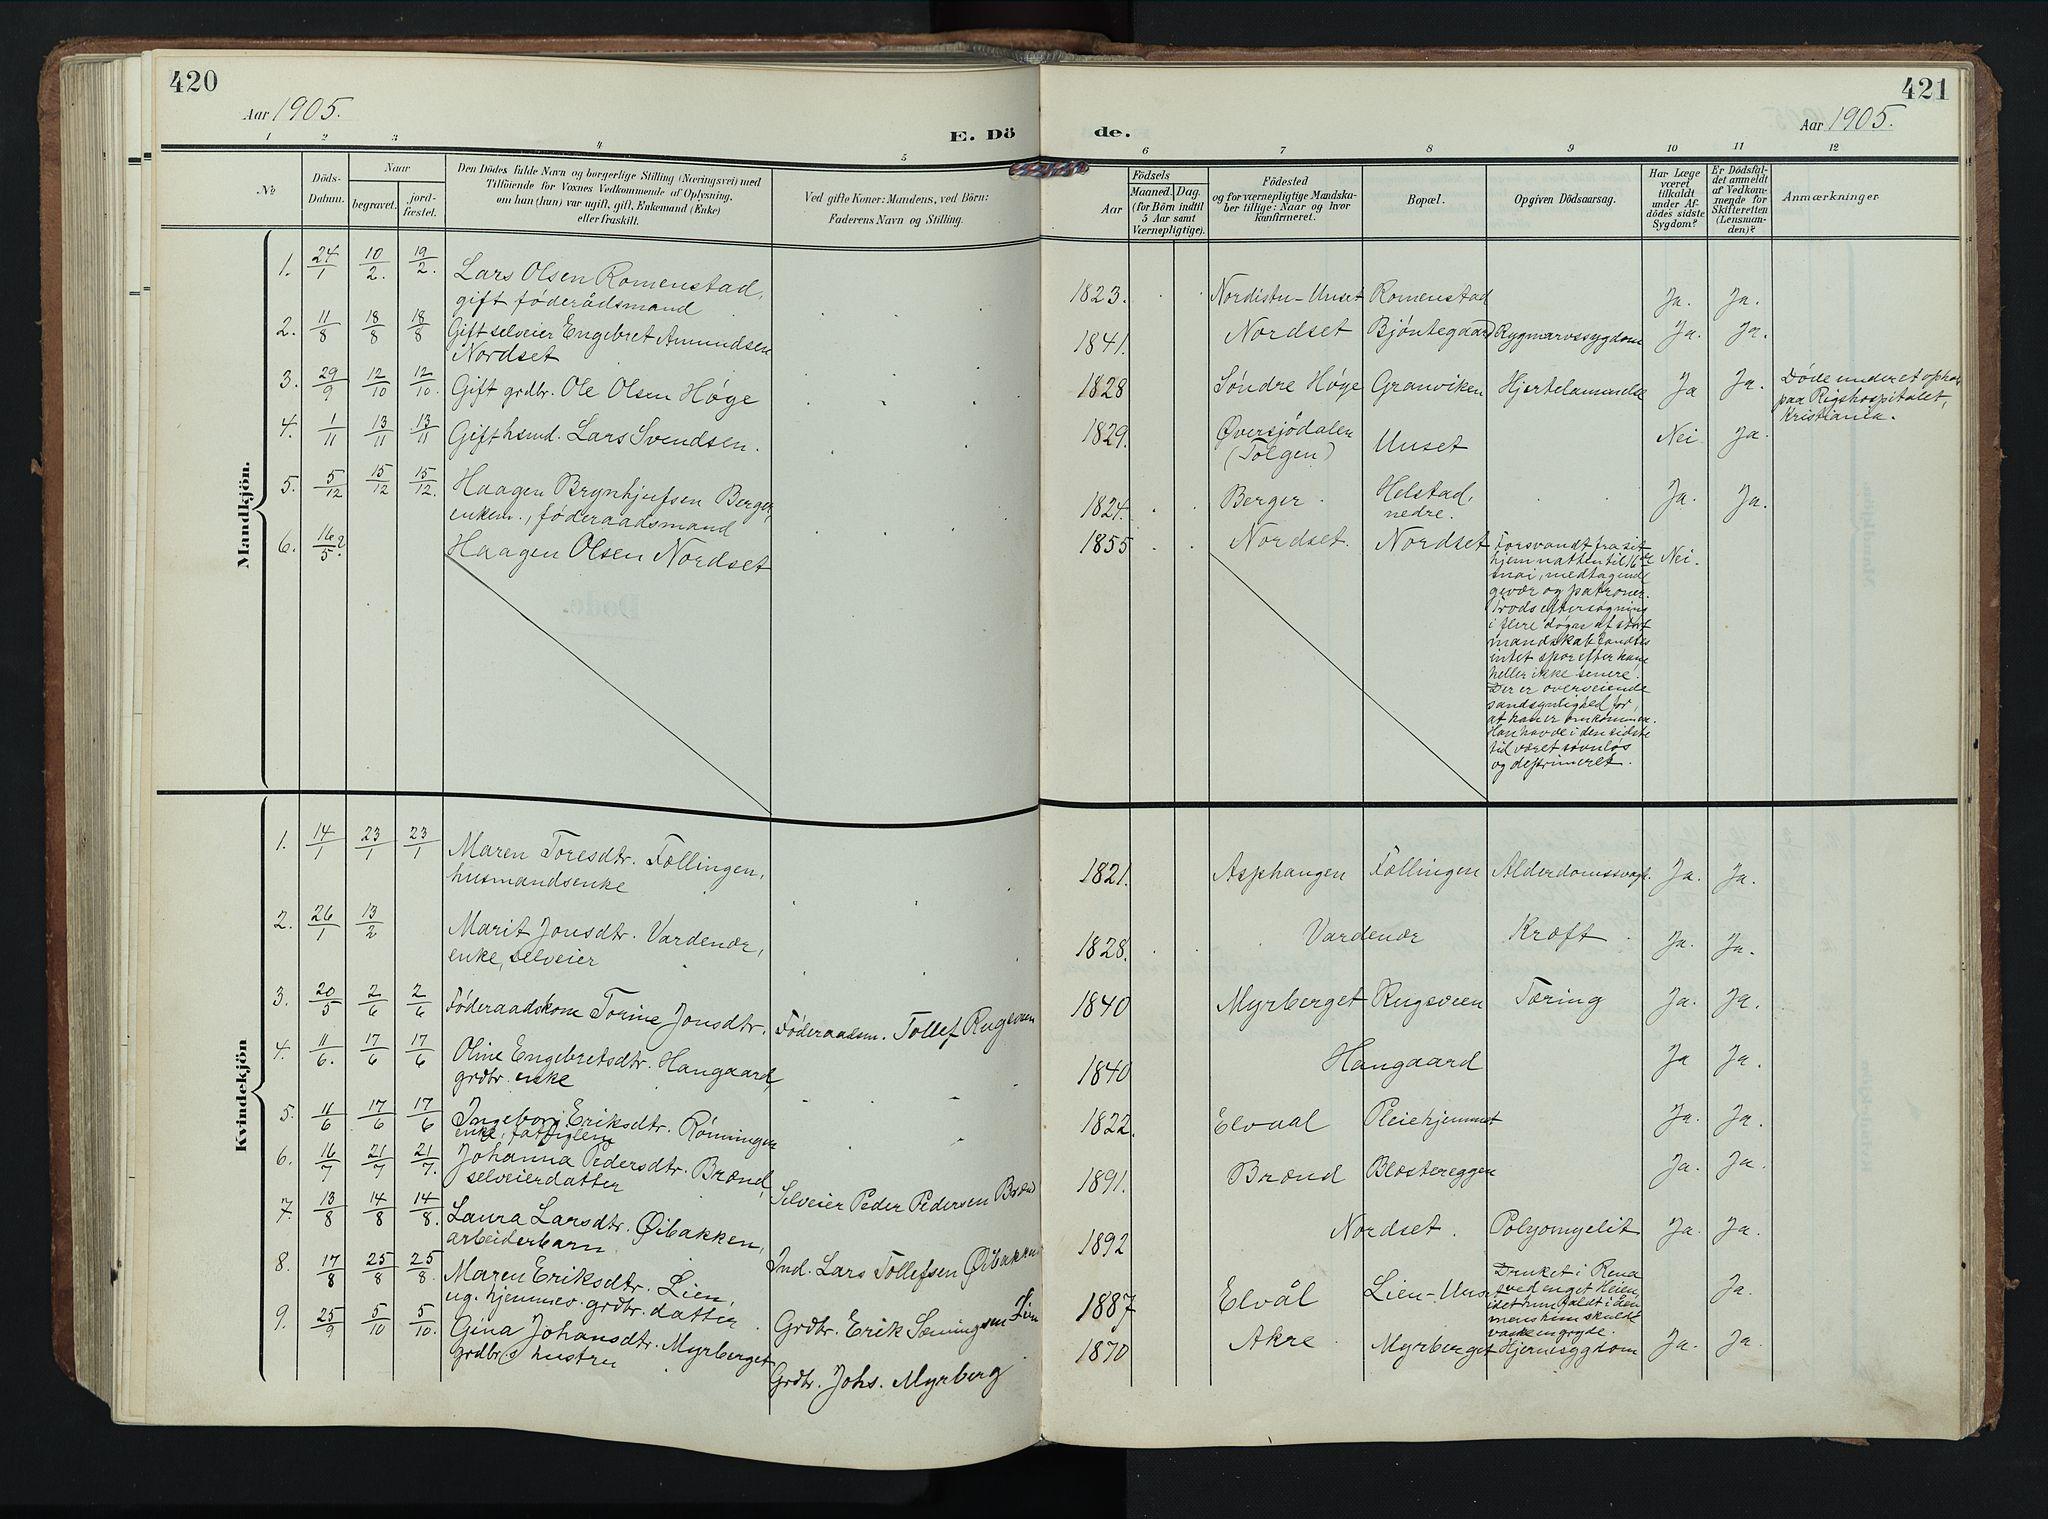 SAH, Rendalen prestekontor, H/Ha/Hab/L0004: Klokkerbok nr. 4, 1904-1946, s. 420-421